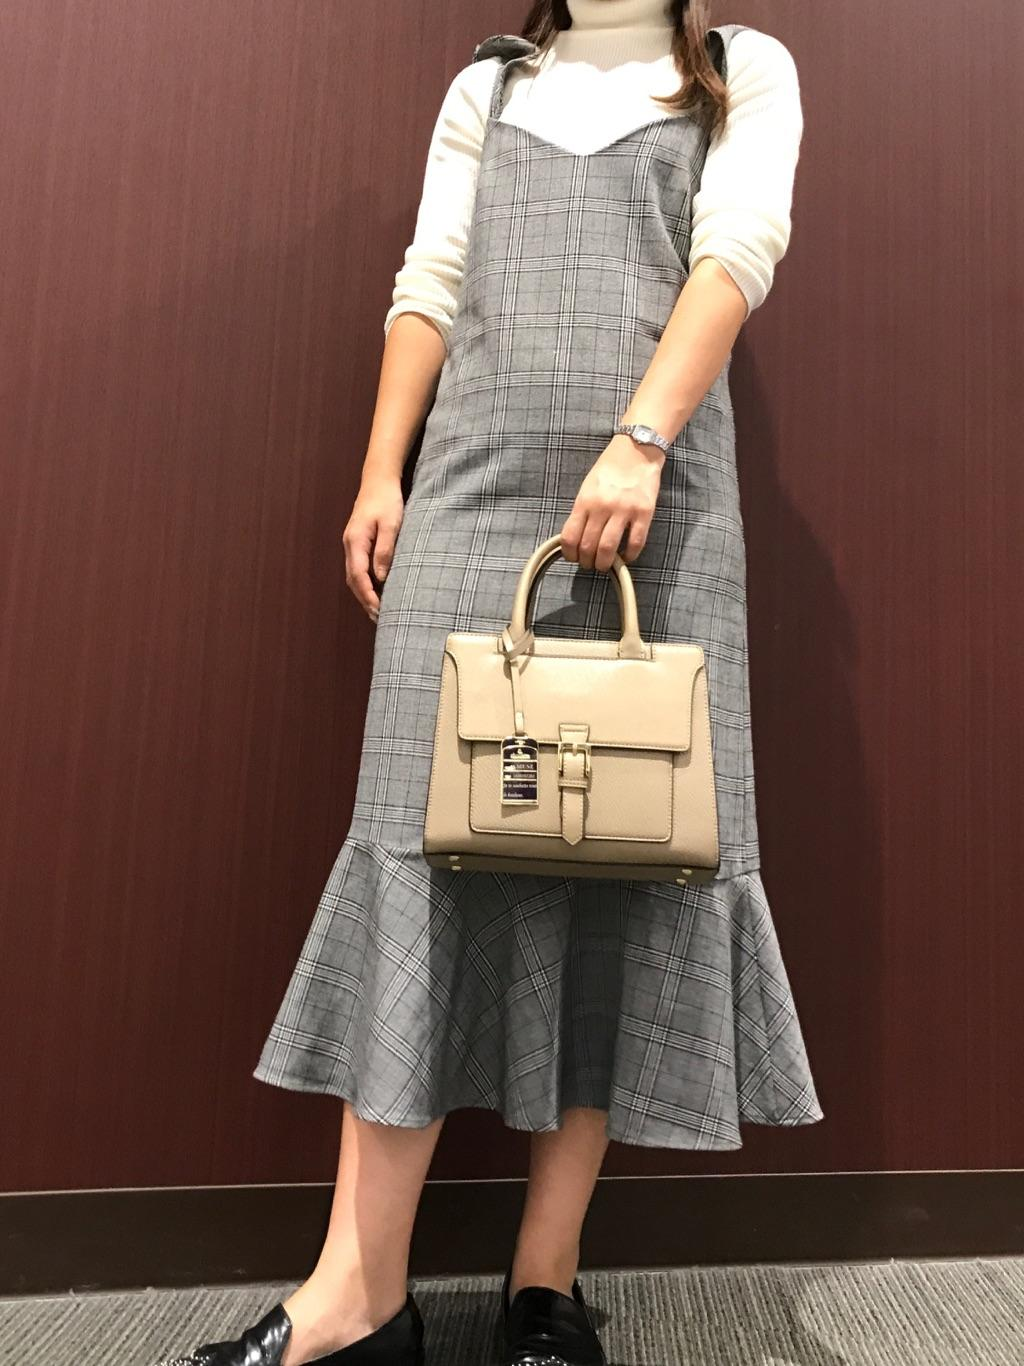 & シュエット ららぽーと富士見店 kaori.f